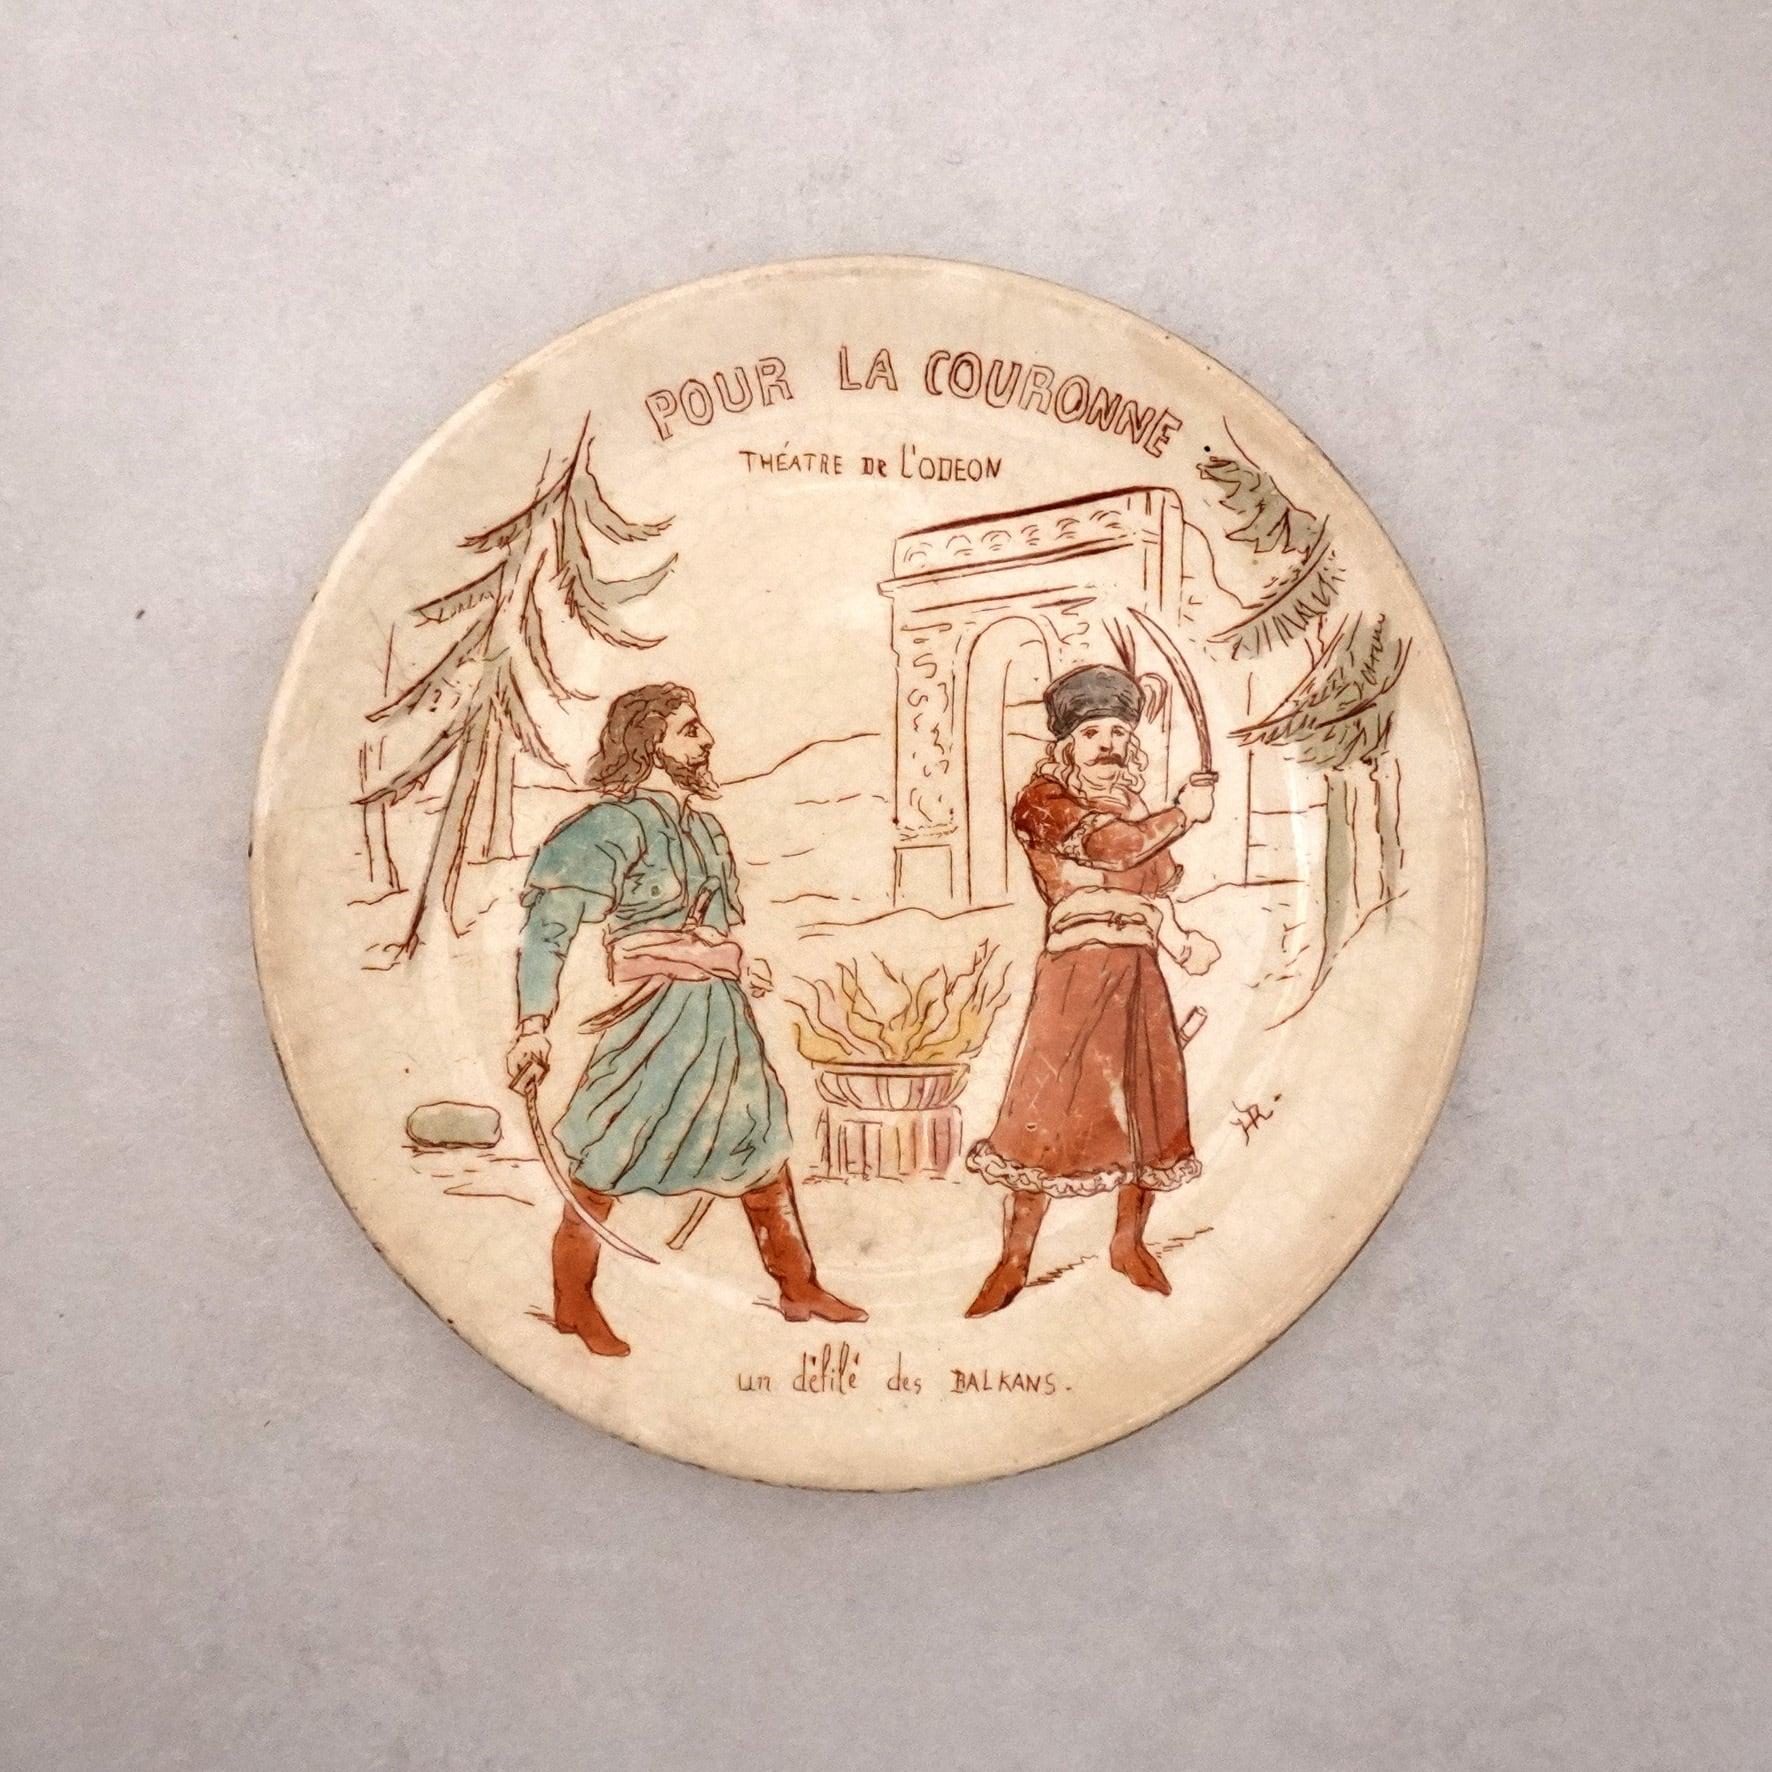 【FRENCH ANTIQUE】PORCELAINE OPAQUE DE GIEN / POUR LA COURONNEプレート2